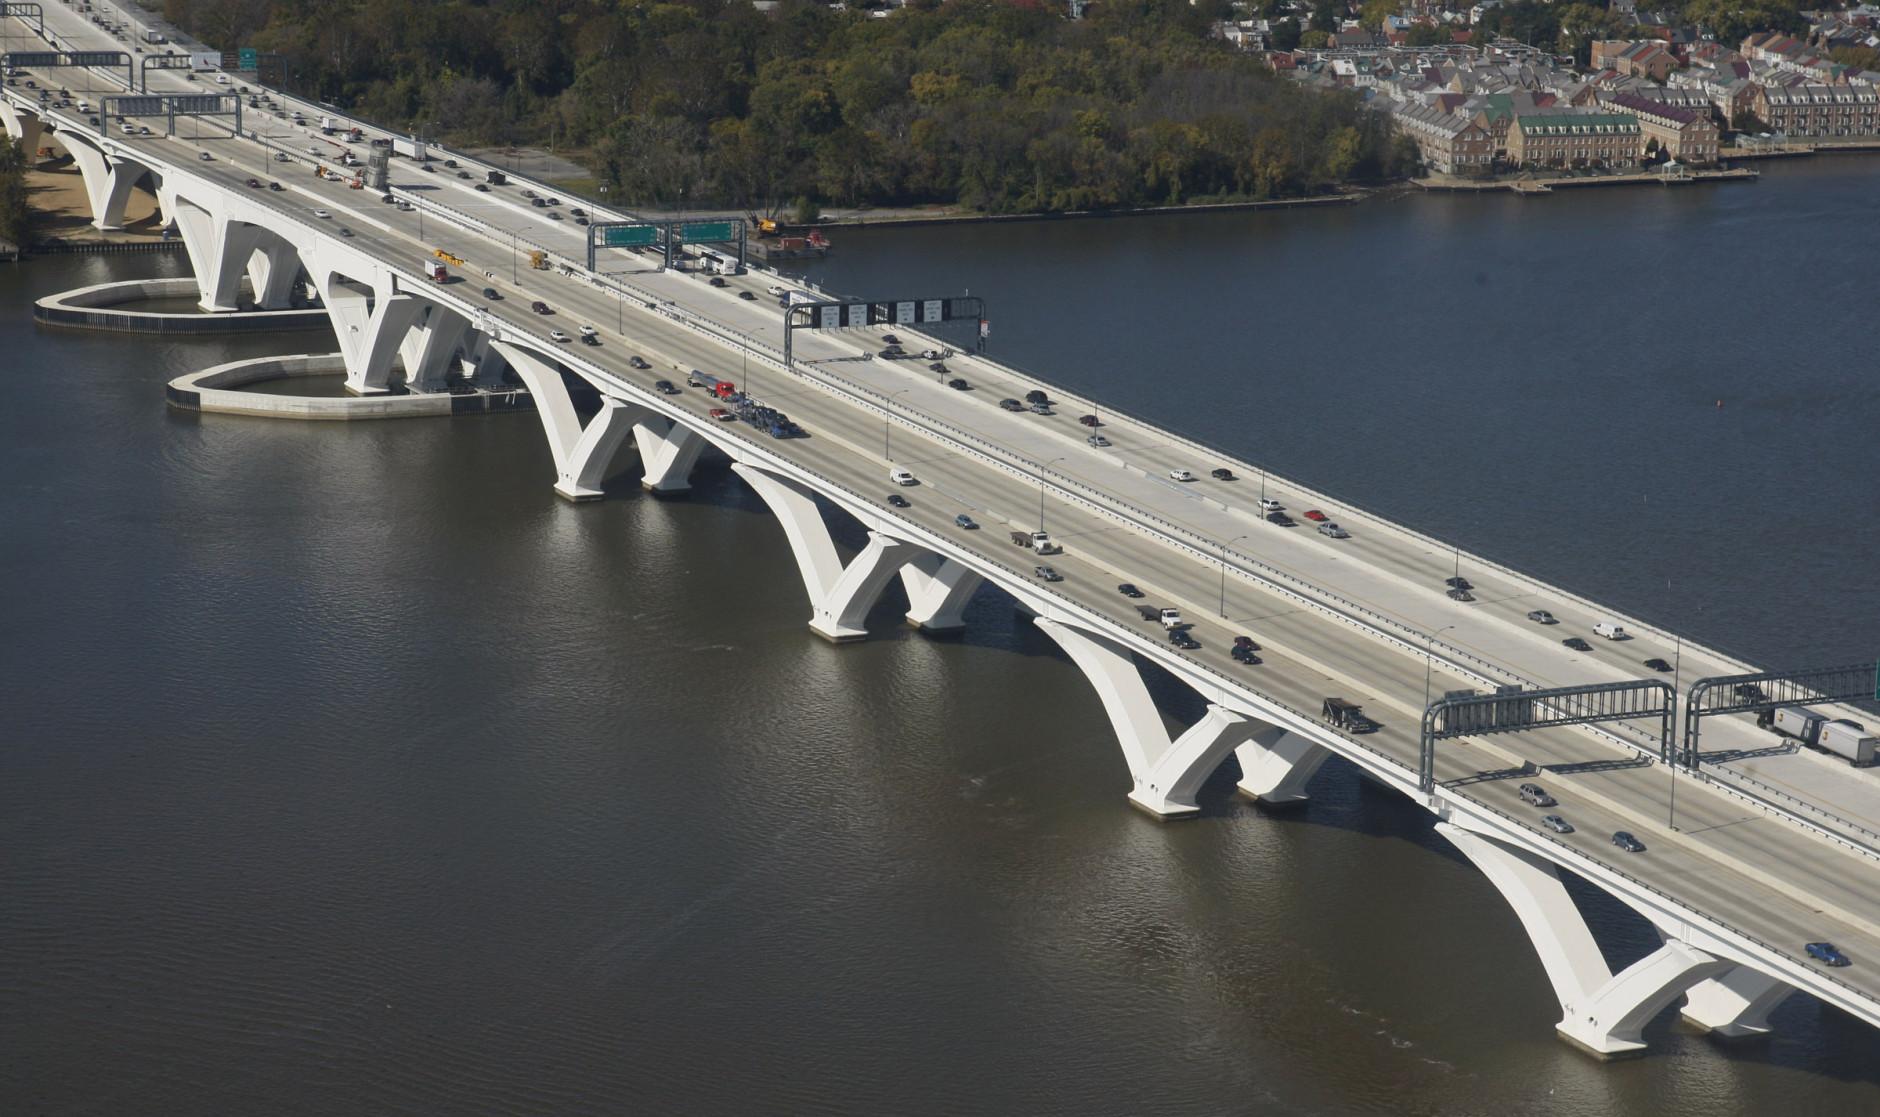 Miles-long backup as overturned fuel tanker blocks Inner Loop lanes in Maryland